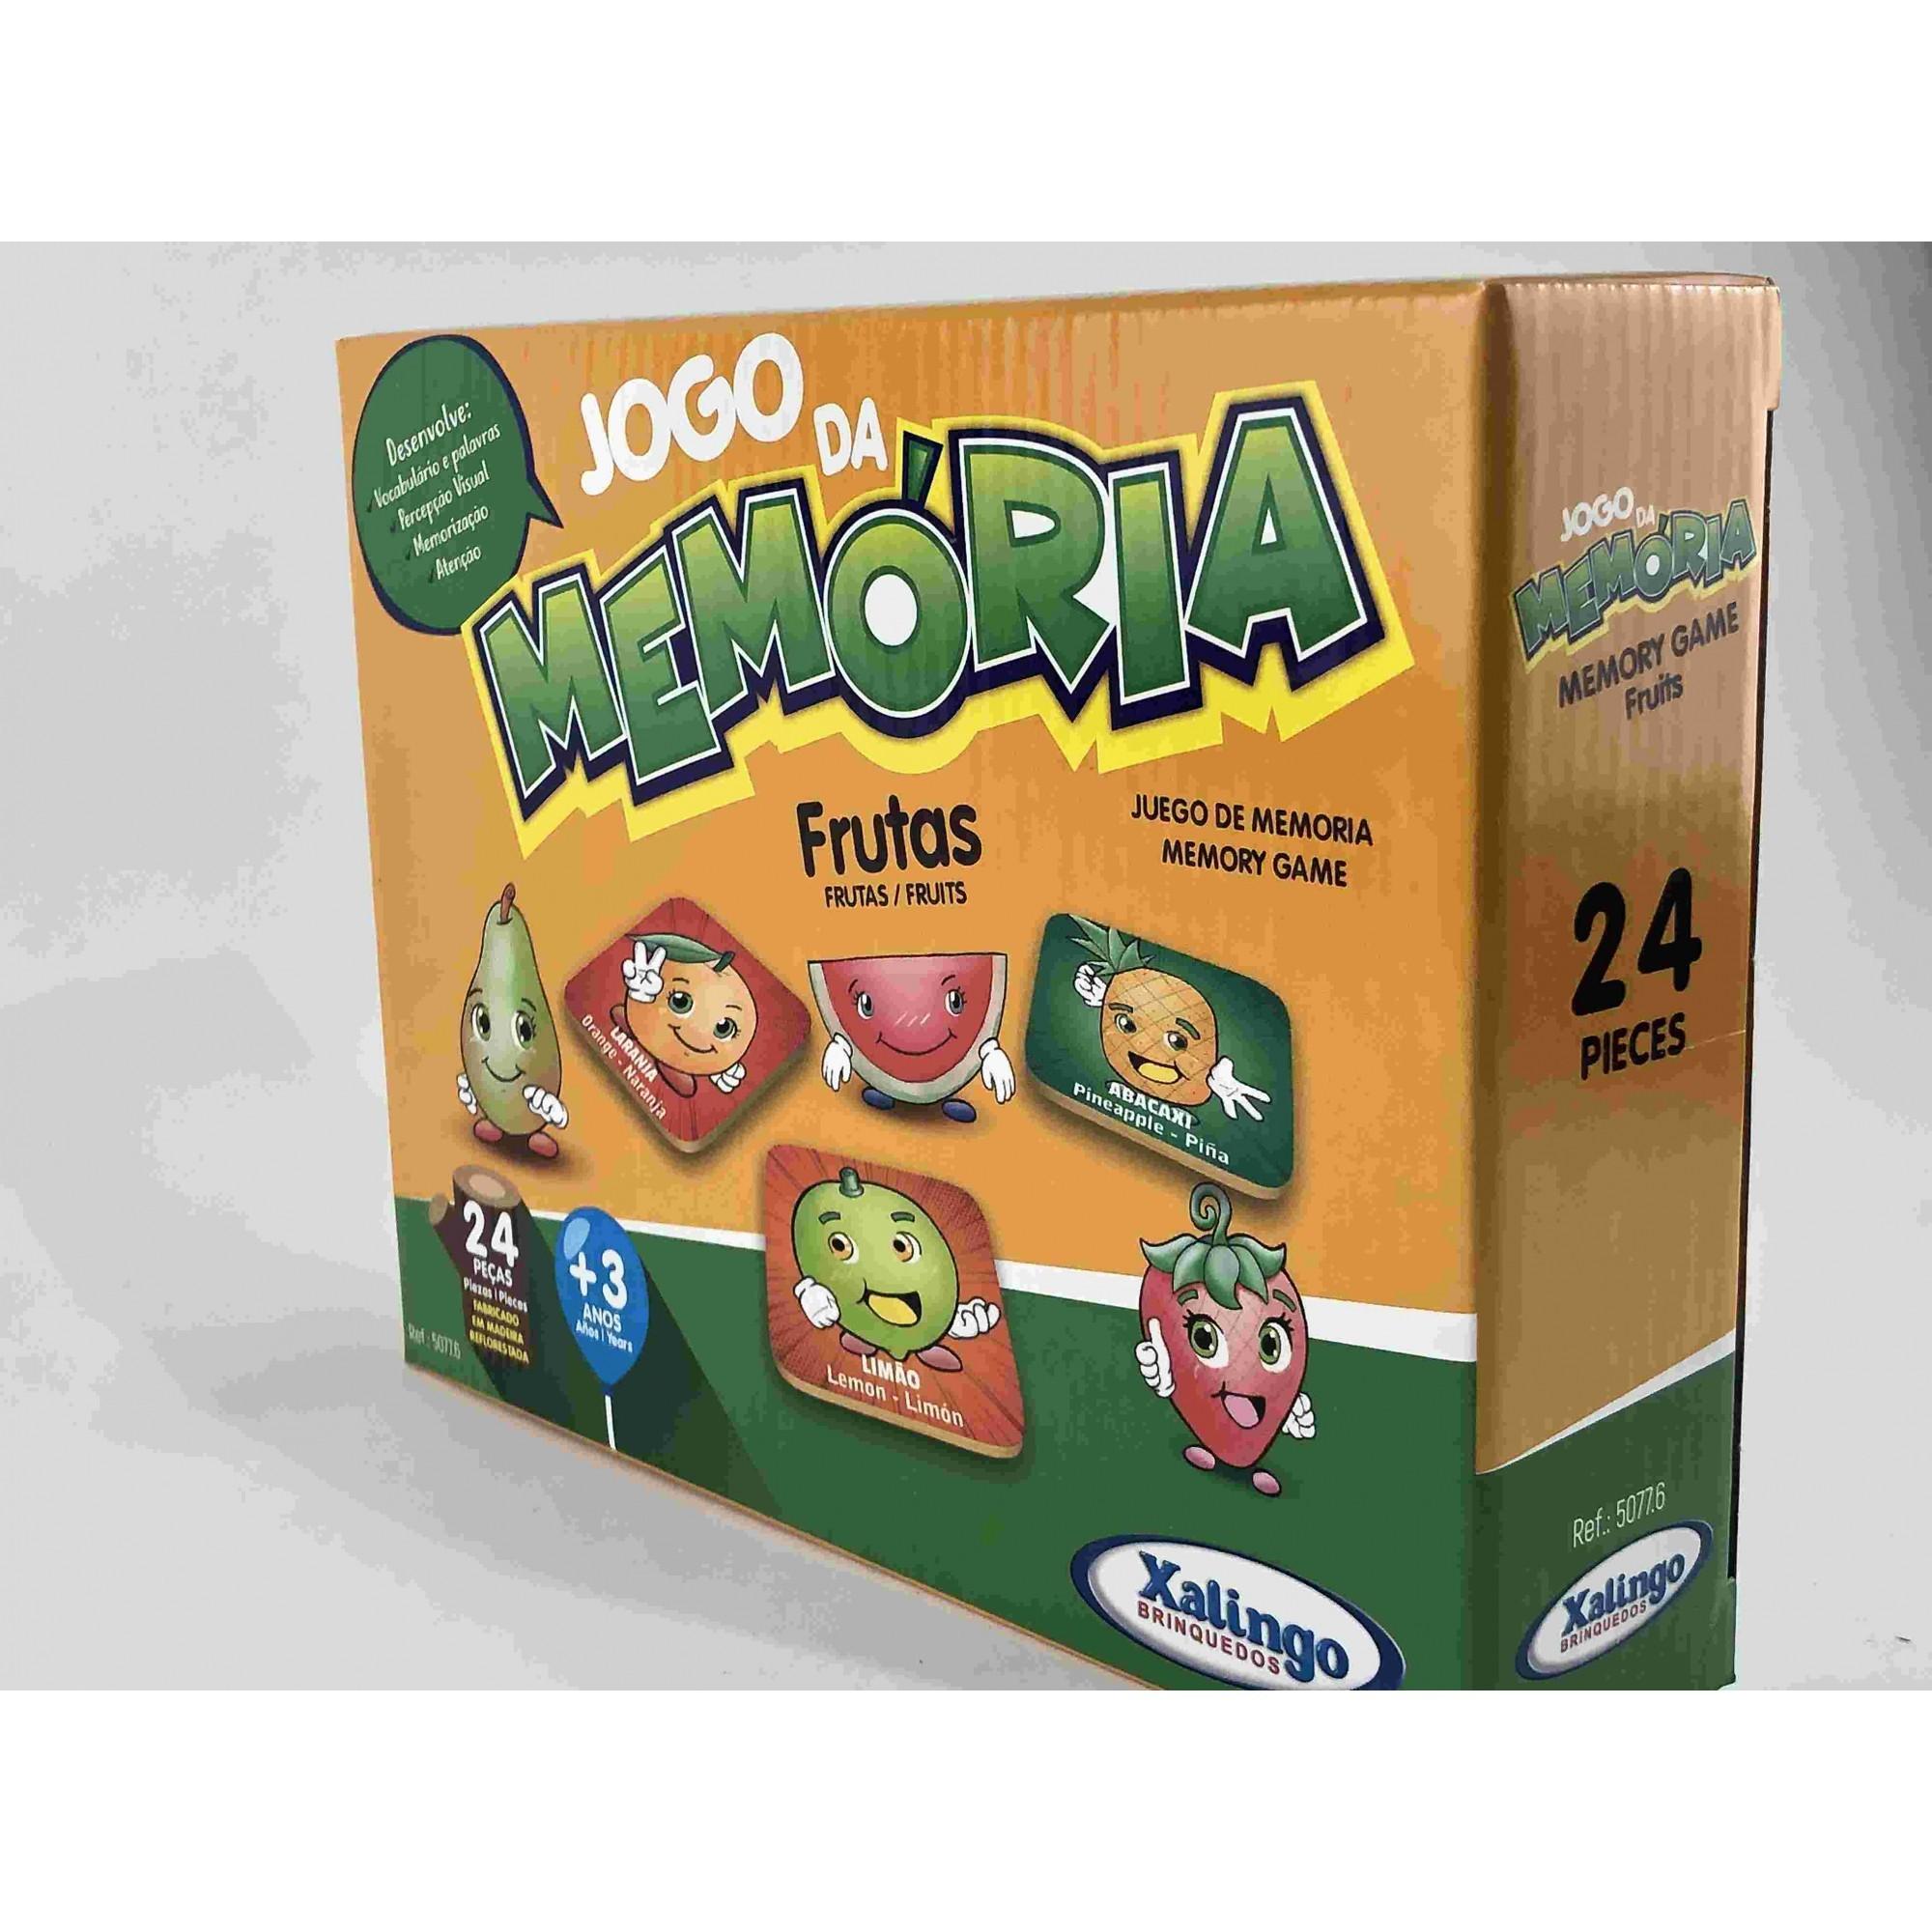 JOGO DA MEMÓRIA TEMA FRUTAS - PEÇAS EM MADEIRA - 24 PEÇAS